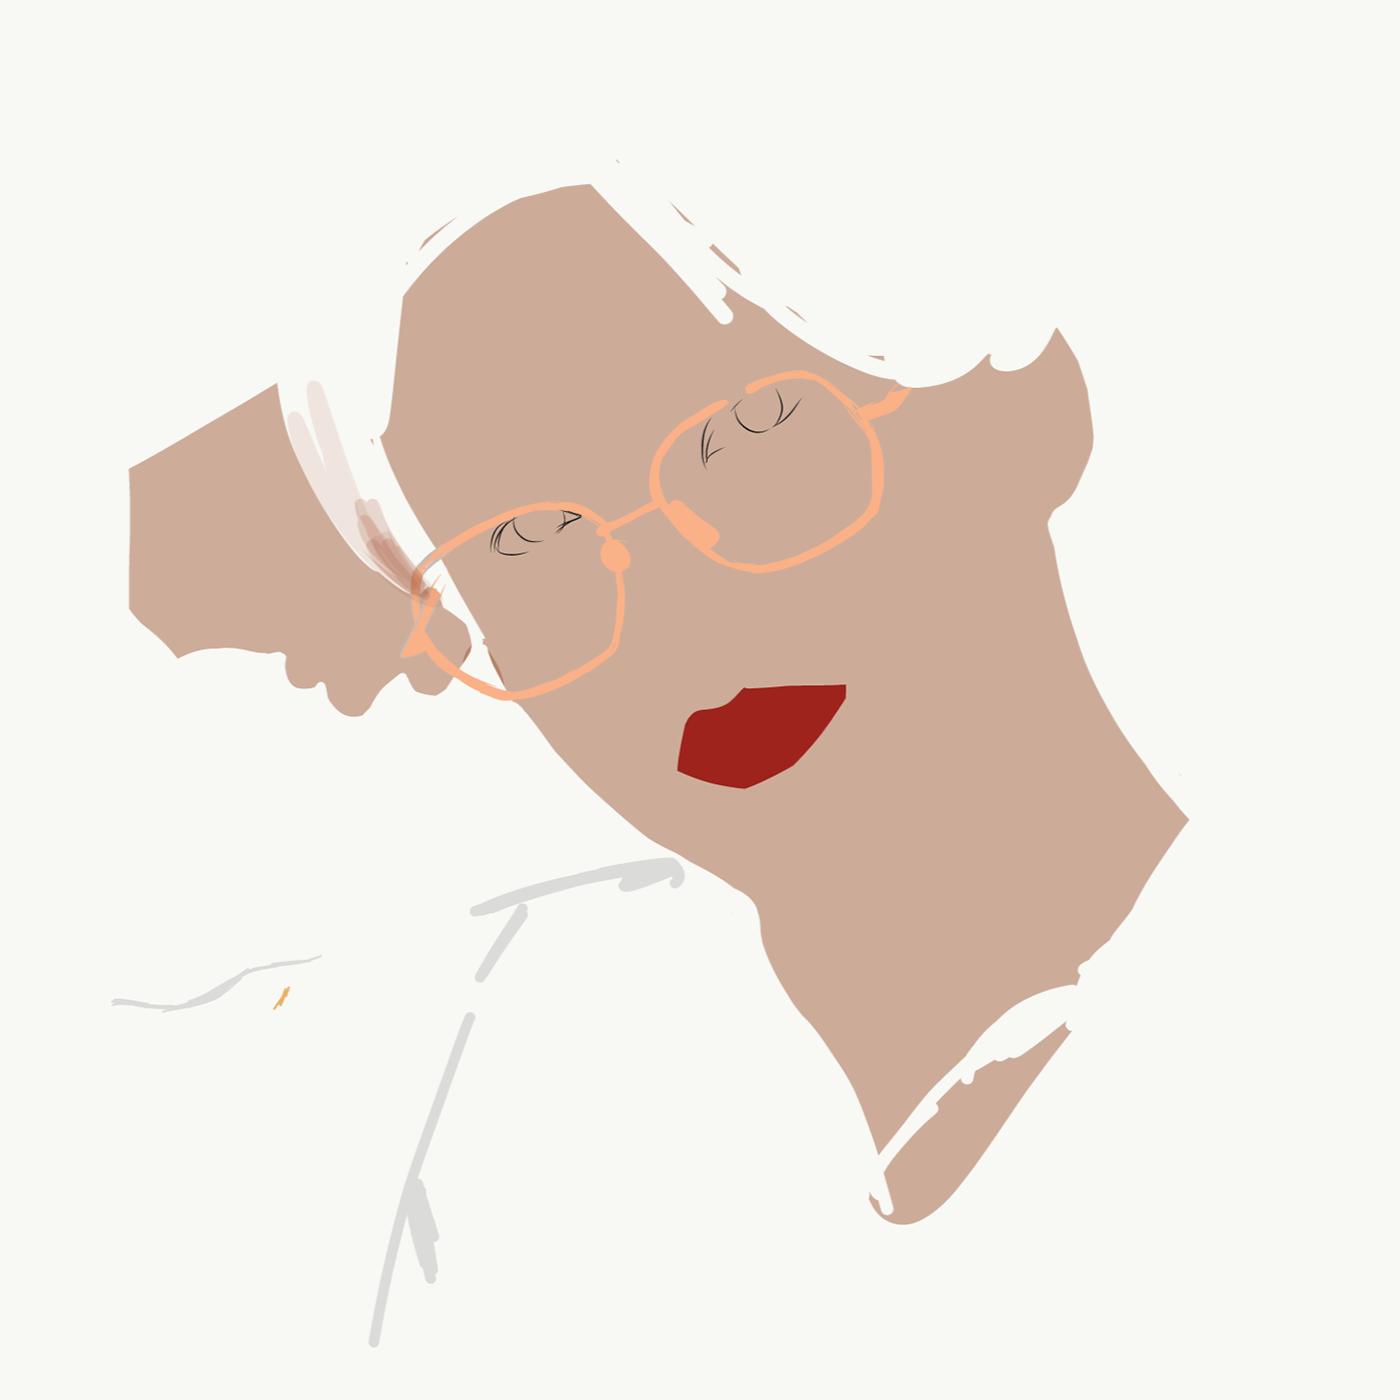 bts btsfanart Digital Art  Digital Drawing Drawing  fanart ILLUSTRATION  jeon jungkook JUNGKOOK